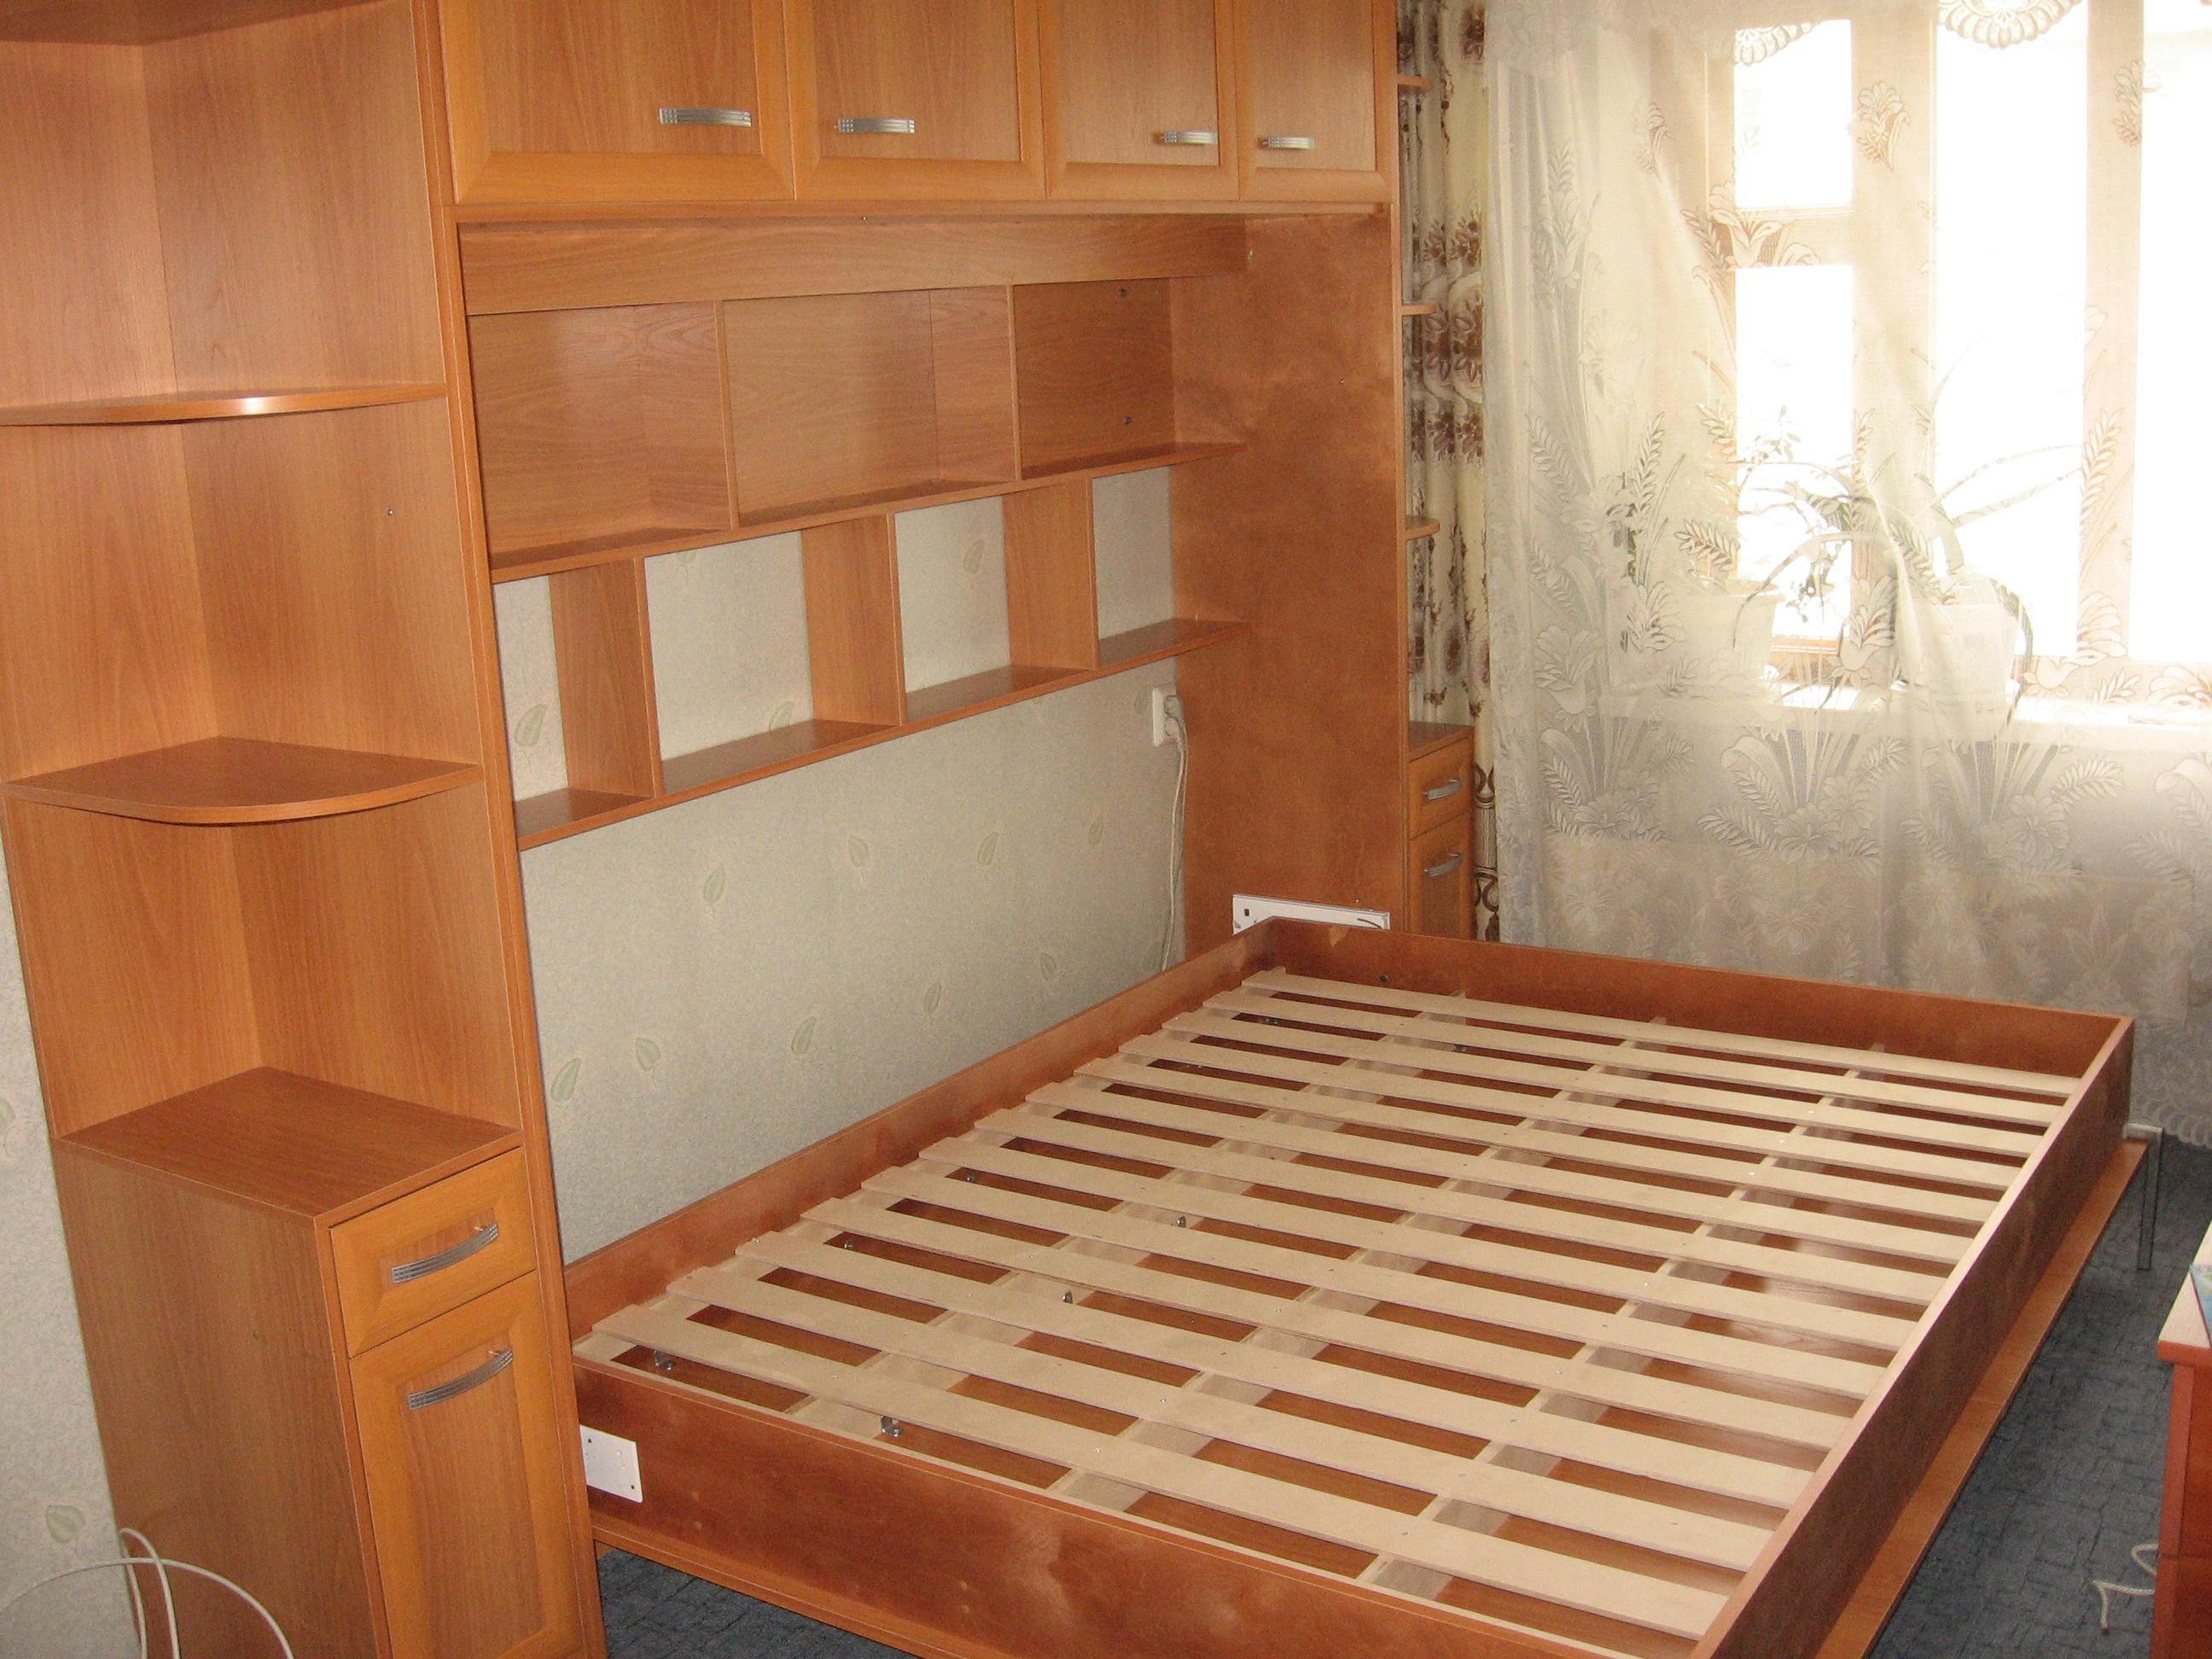 Как сделать встроенную в шкаф кровать